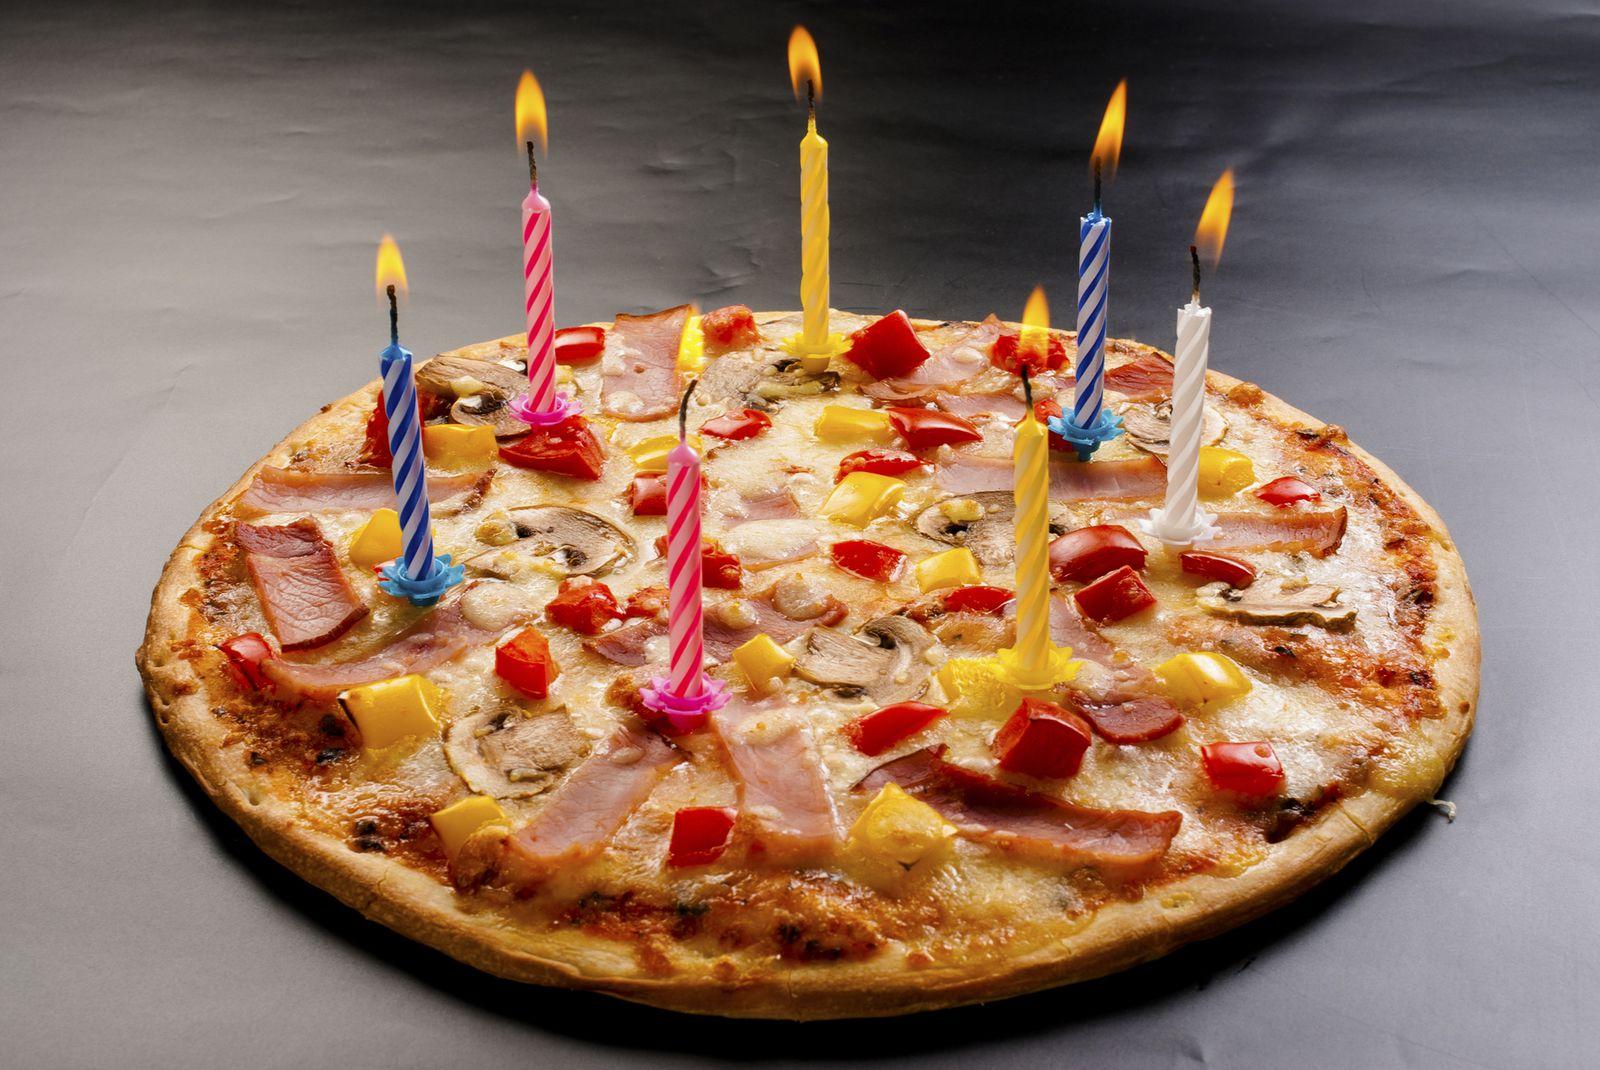 少し変わったサプライズを!絶対喜ばれるユニークな「誕生日ケーキ」5選 Retrip リトリップ